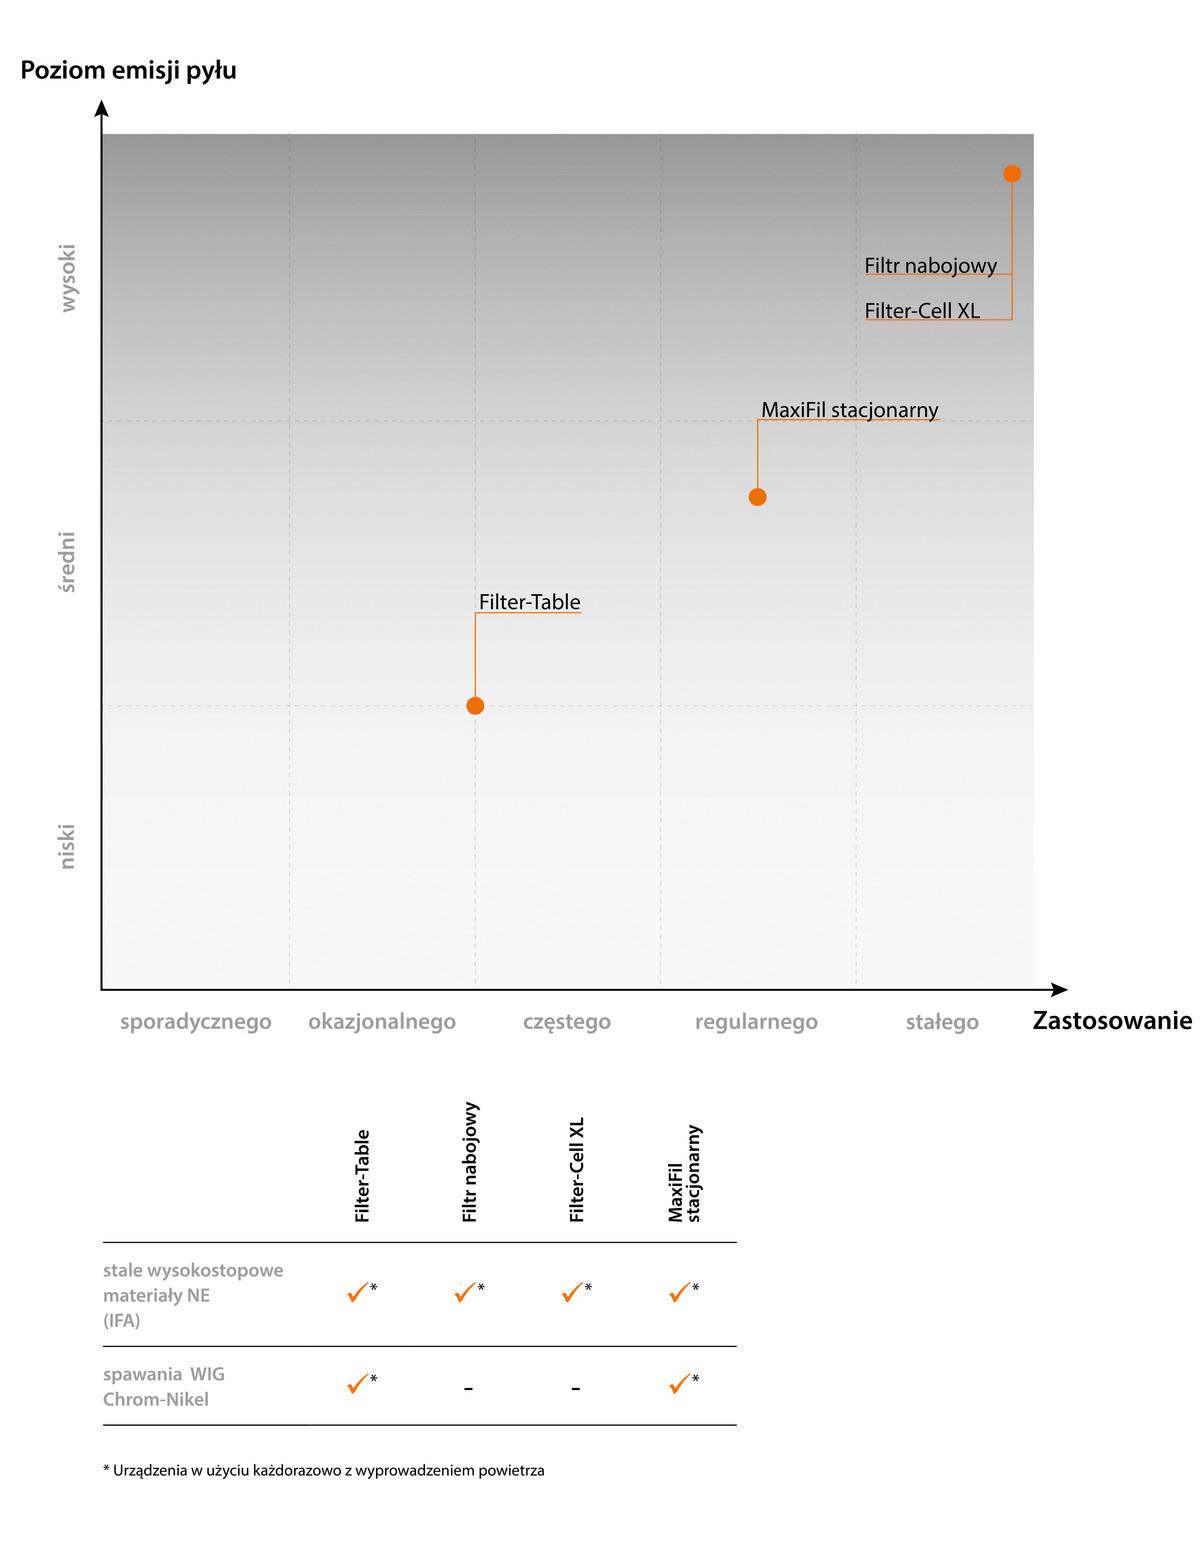 Stacjonarne systemy przejezdne - poziom emisji pyłów